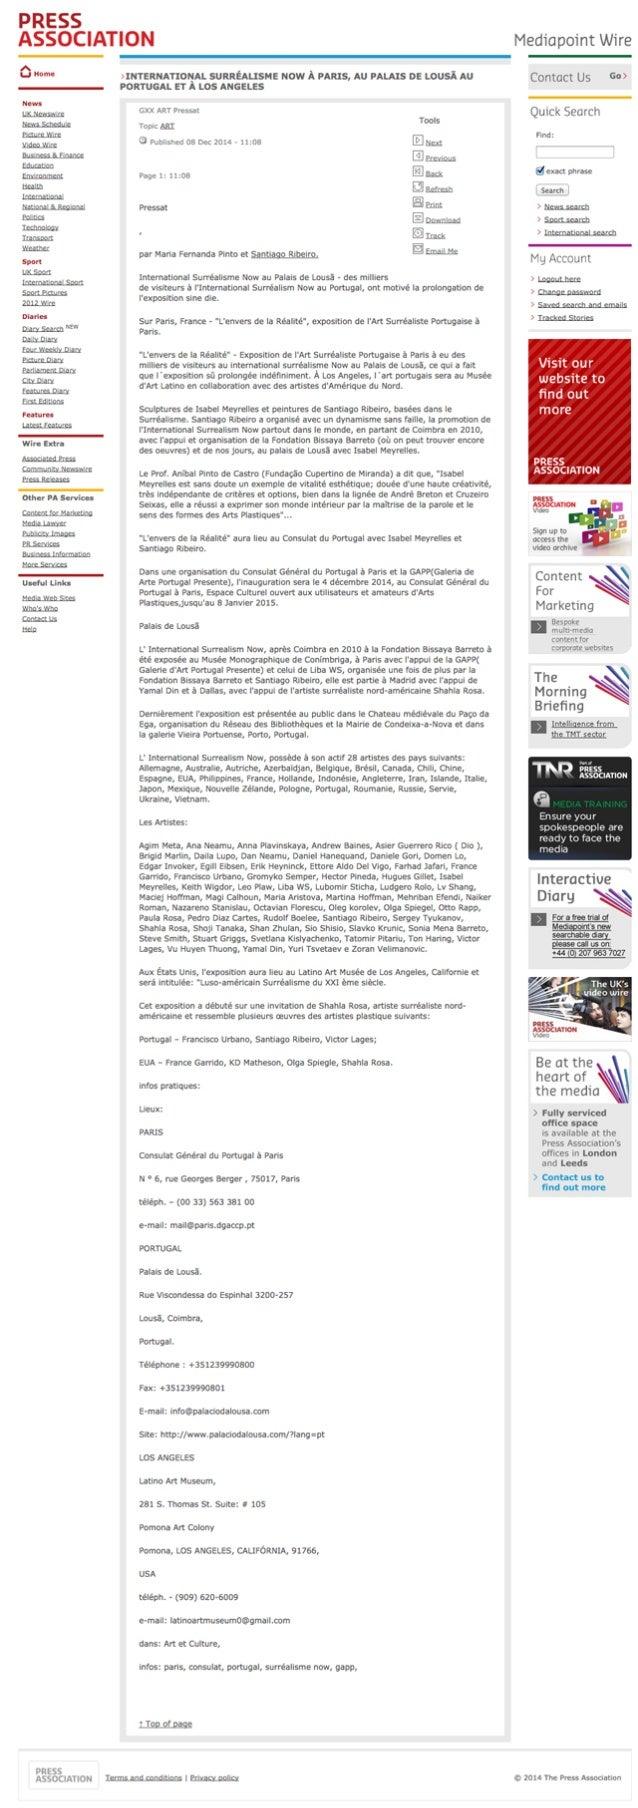 PRESS  ASSOCIATION  0.. ... .  PRESS ASSOCMYION  mrrenuanonat suitrteausue now A Imus,  AU PALAIS oe Lousl All  POITFUGALE...